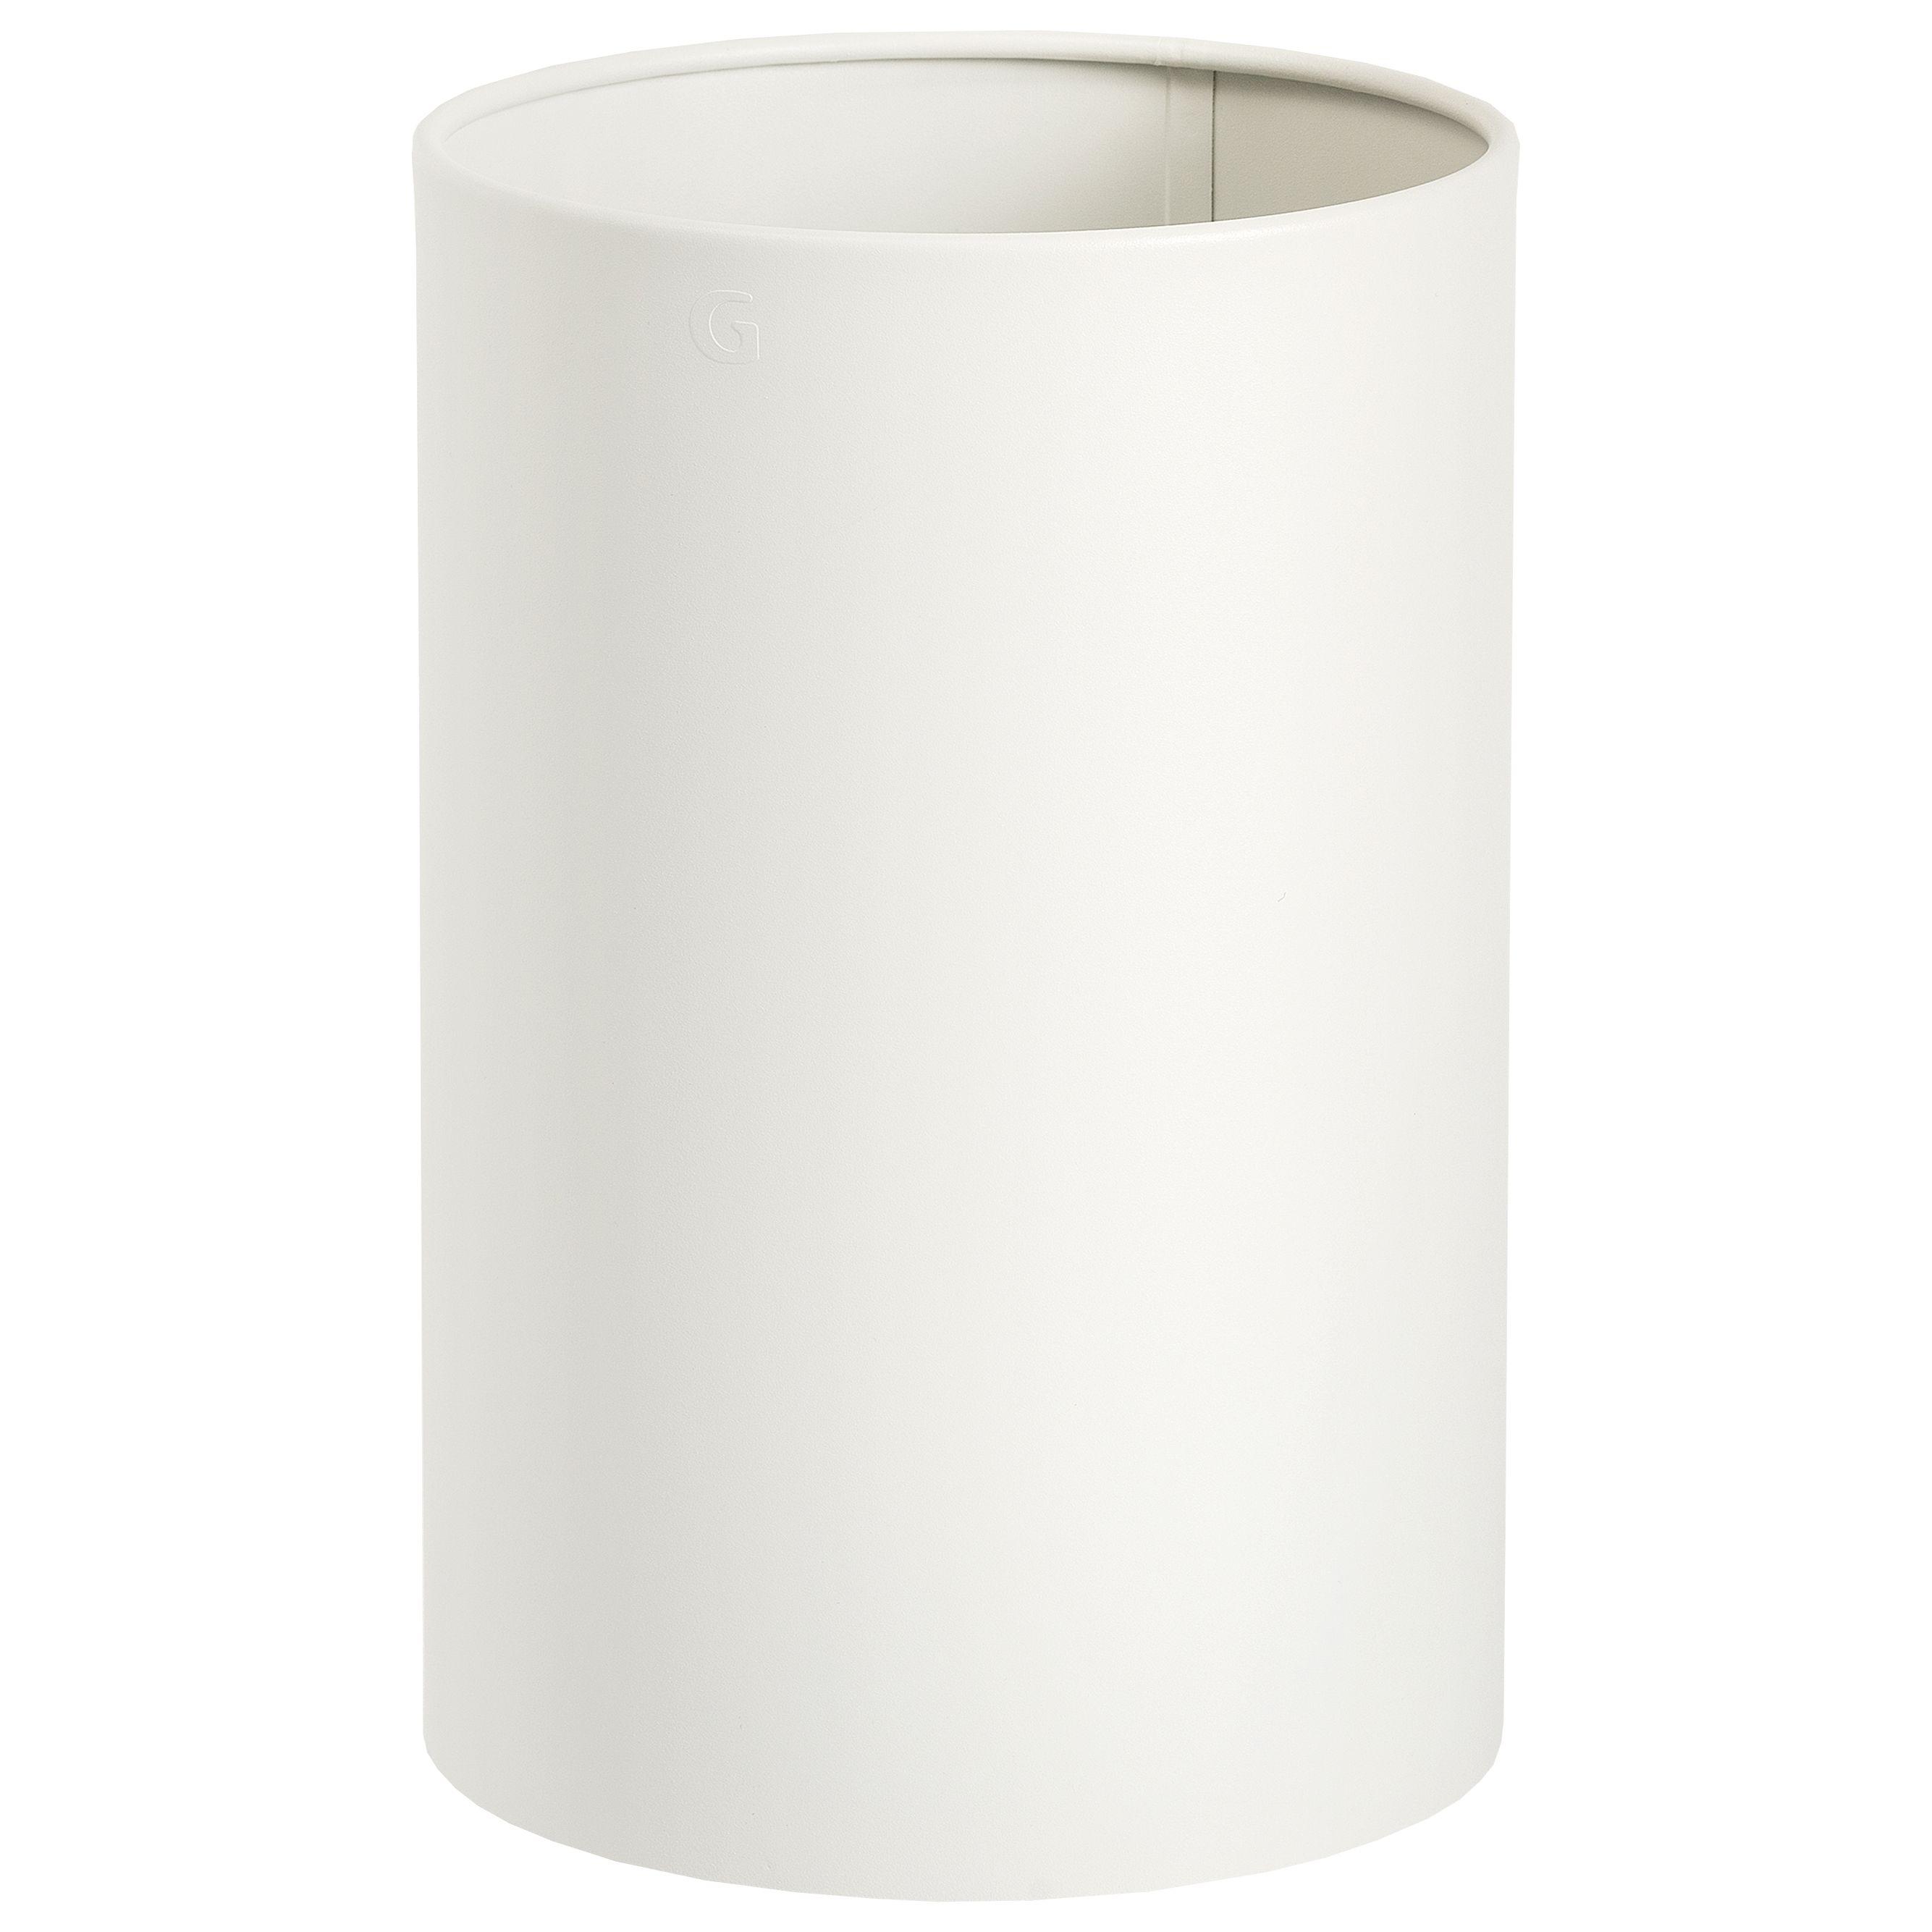 Van Esch Silo papierbak wit kopen